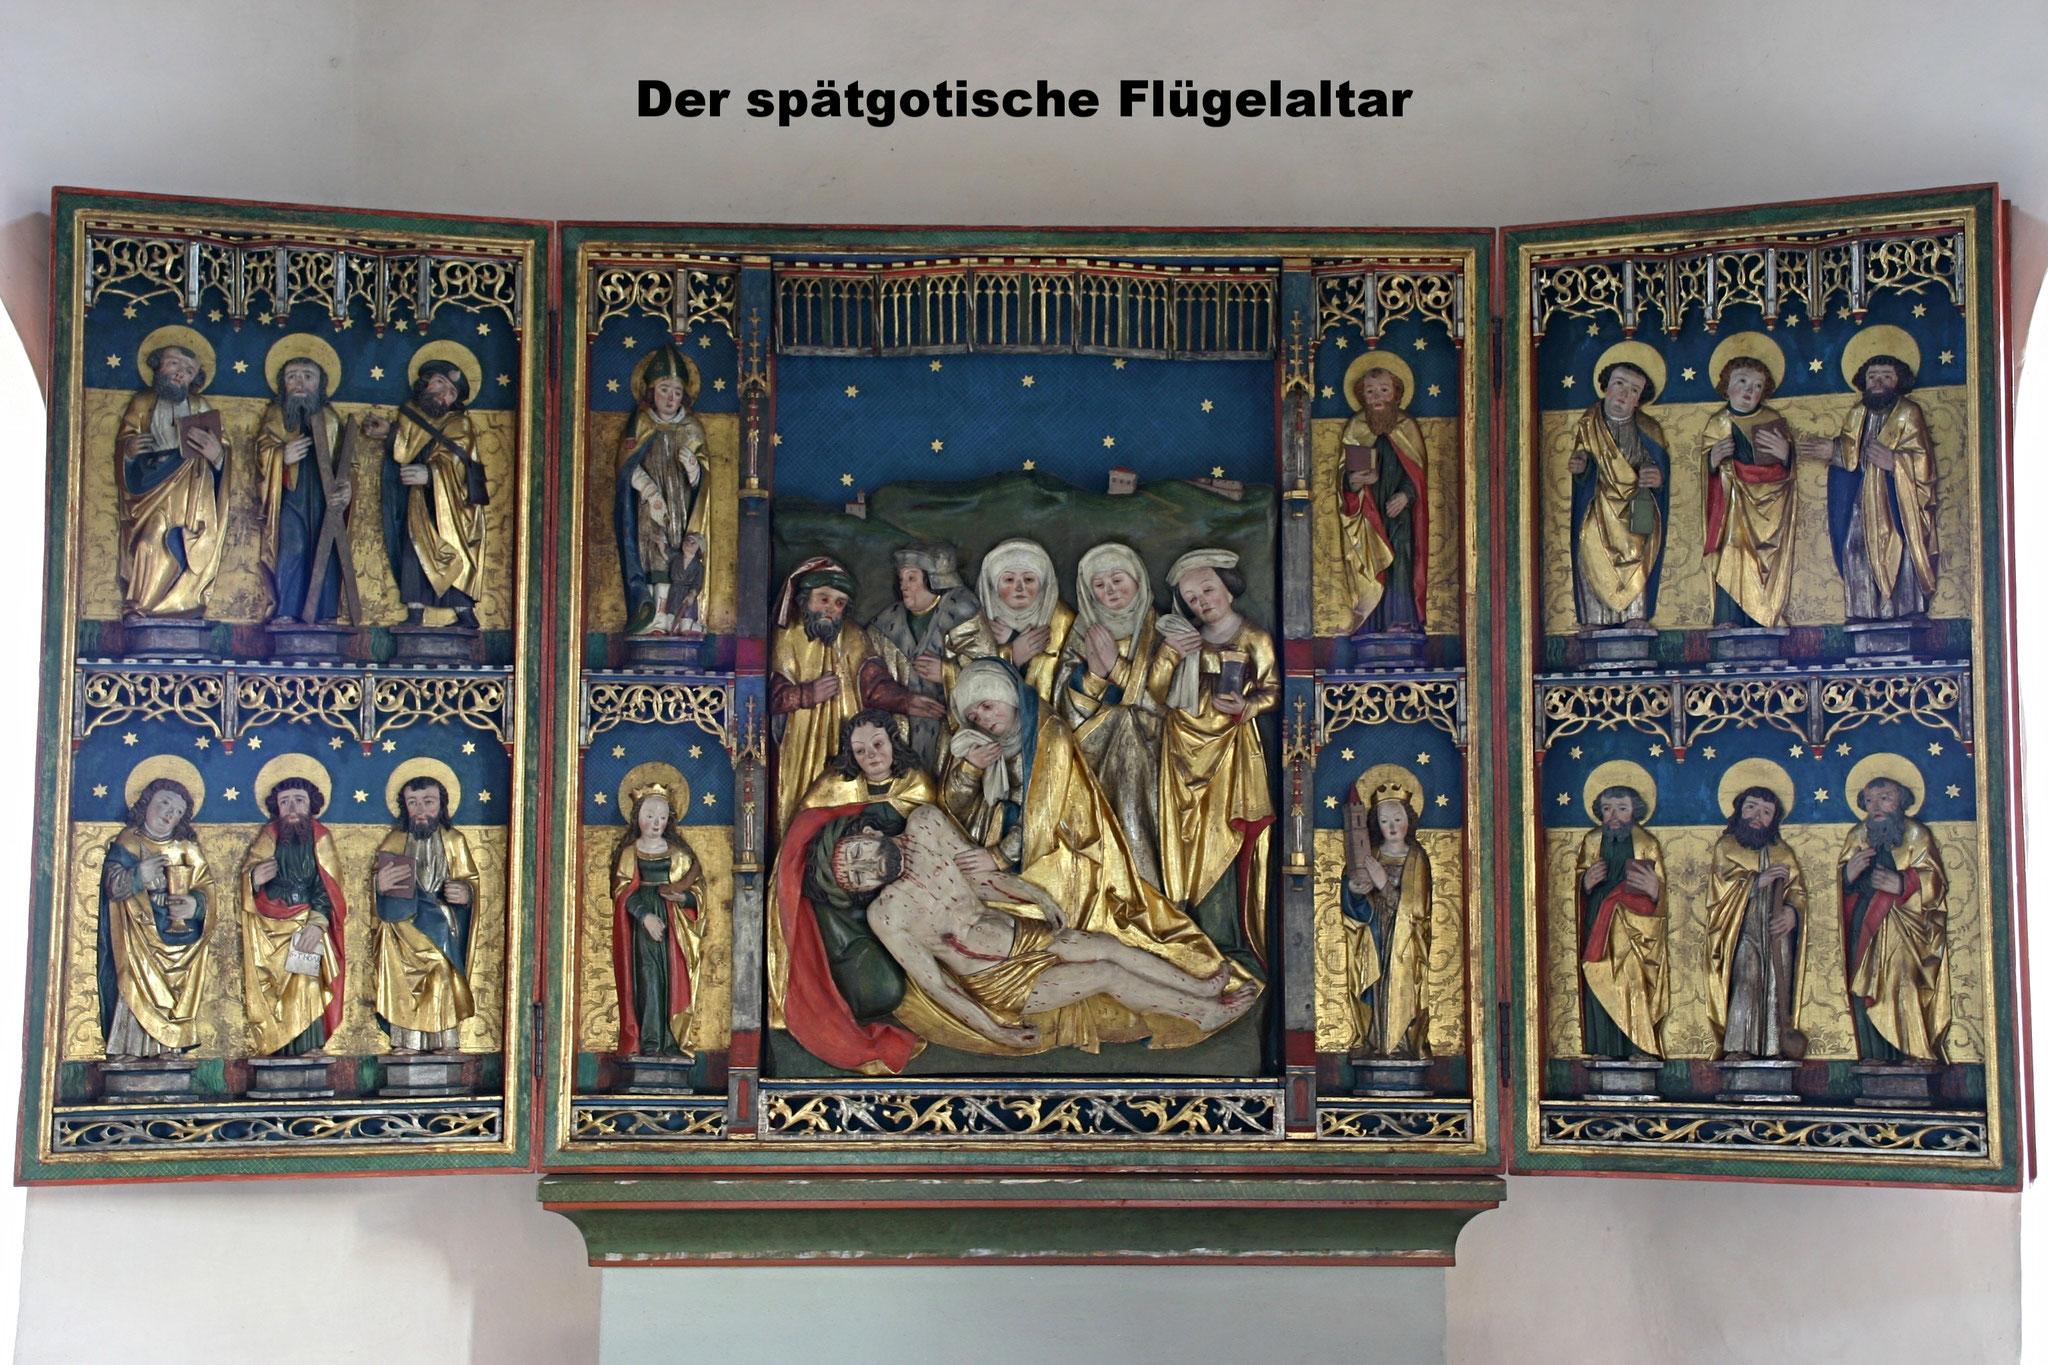 Der spätgotische Flügelaltar in der Lüderbacher Kirche